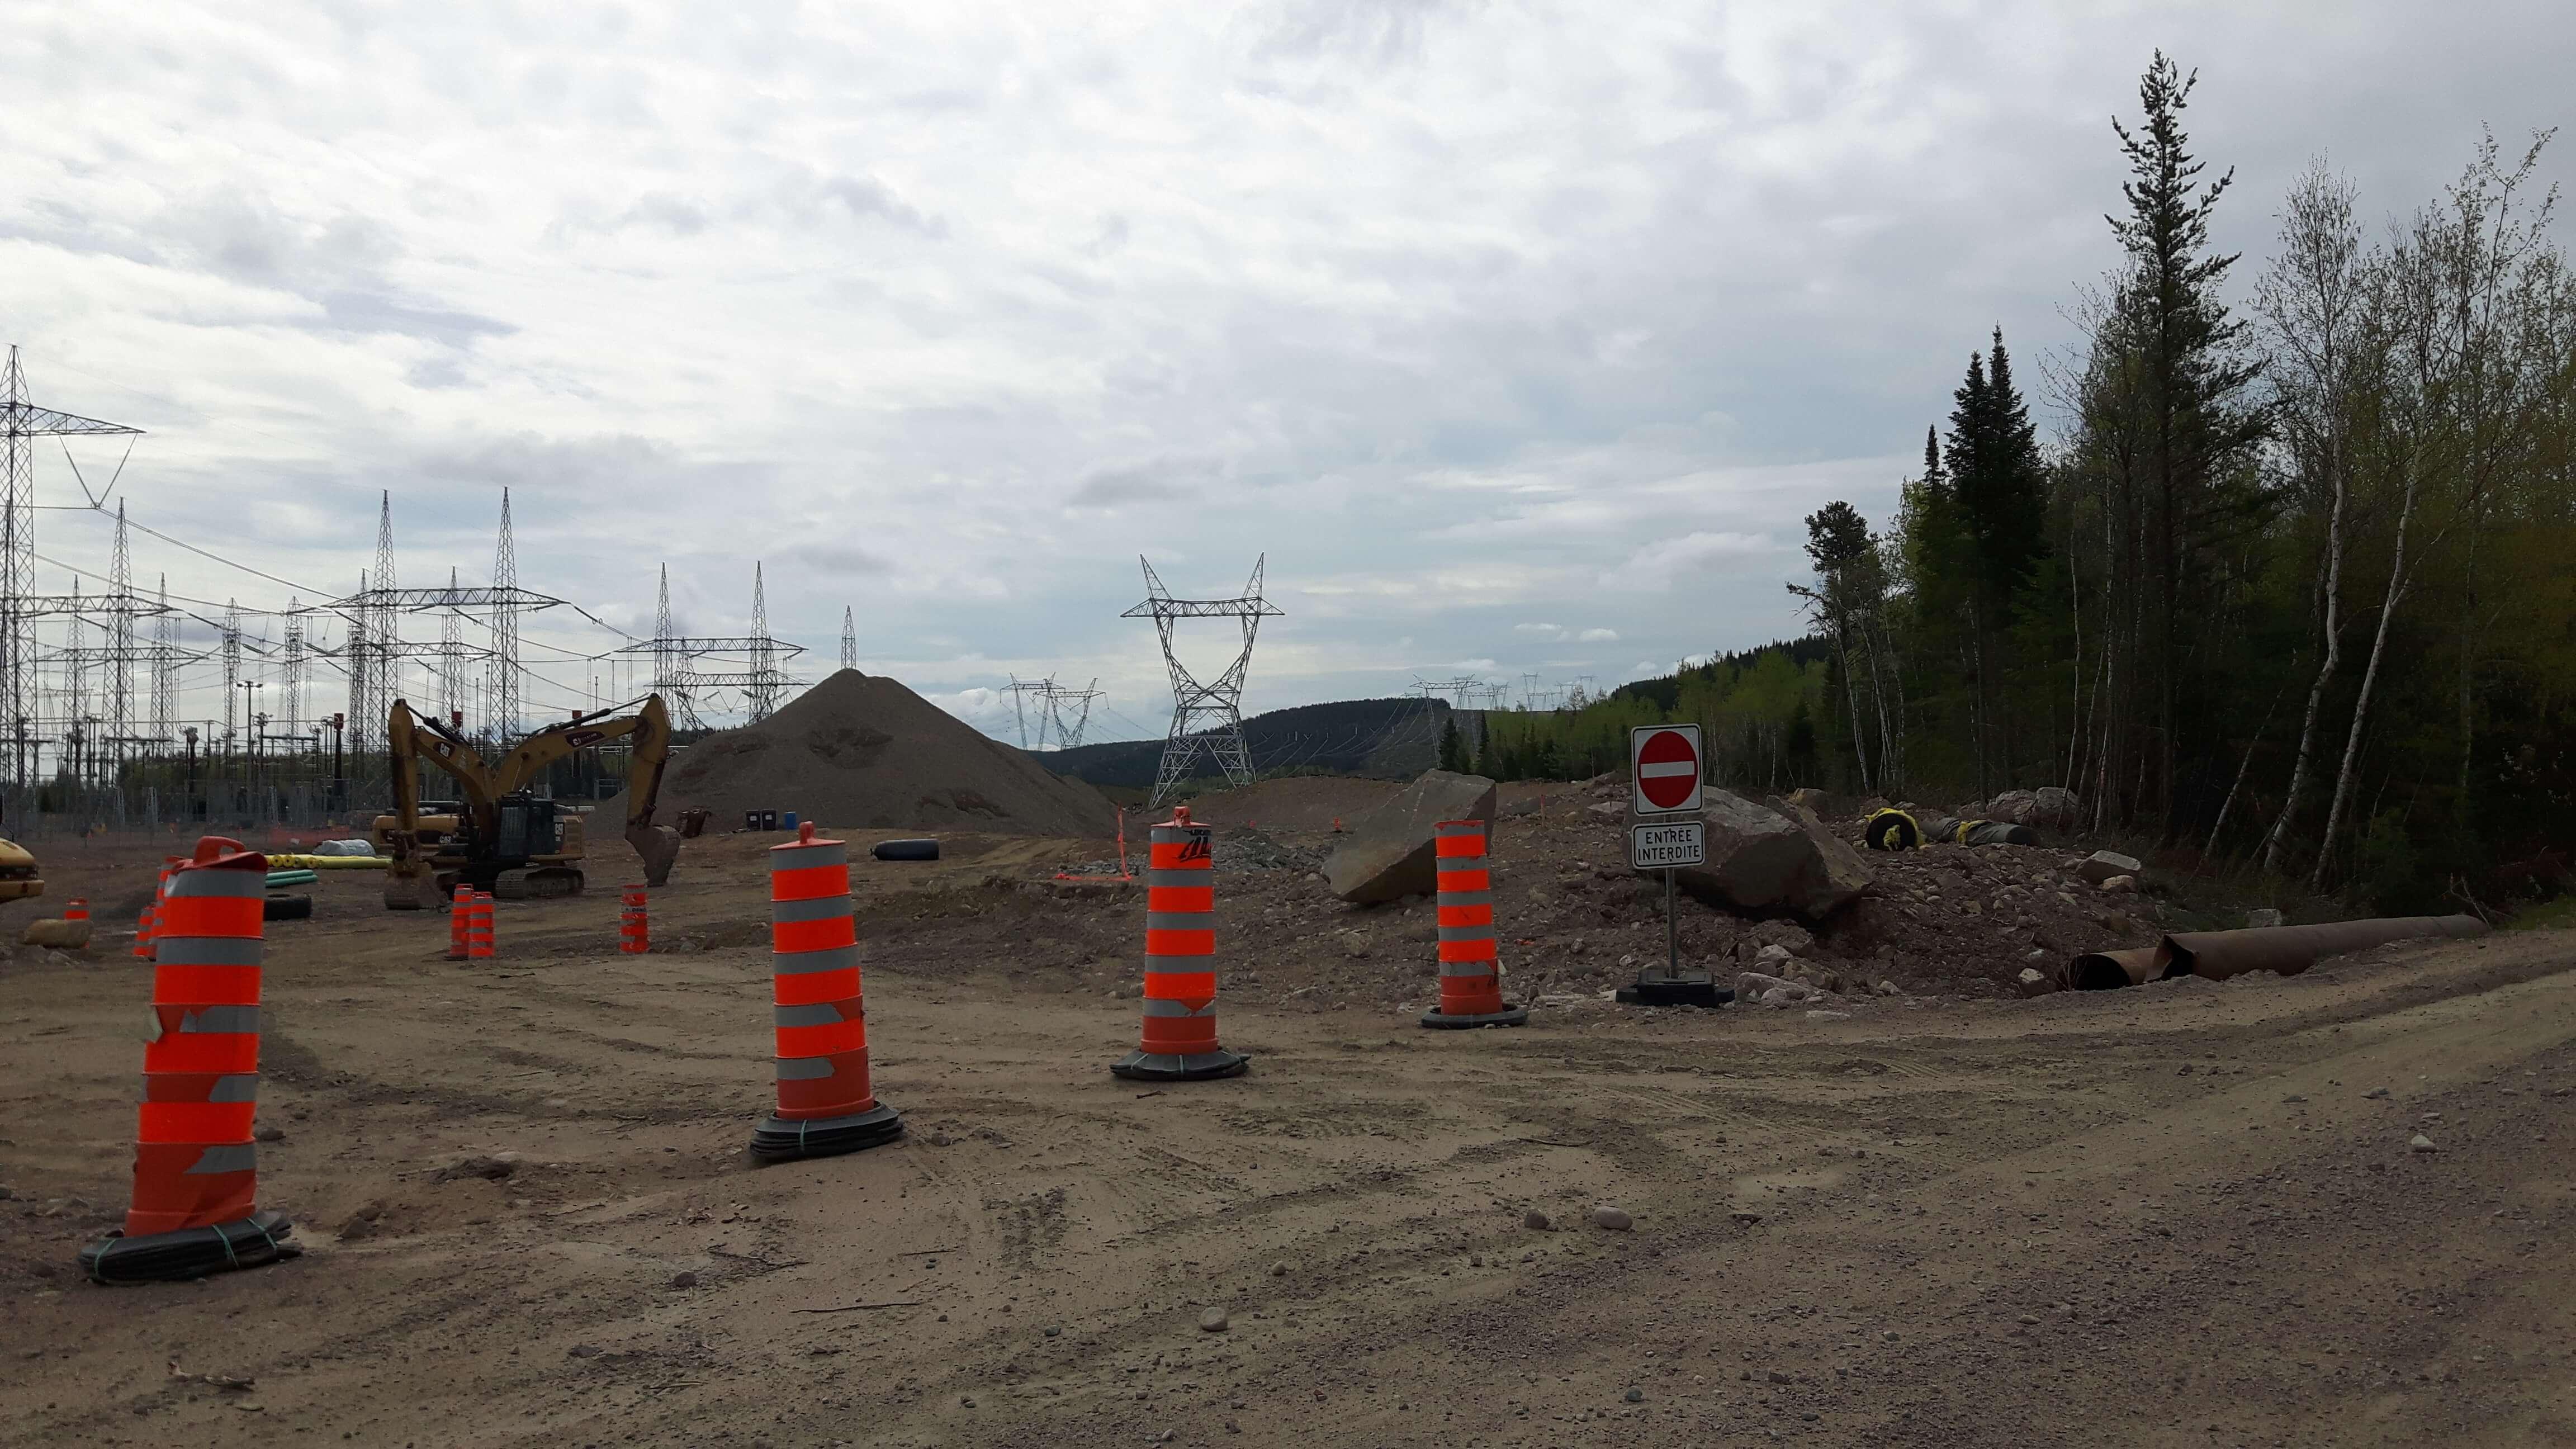 La ligne Chamouchouane-Bout-de-l'Île doit relier le Lac-Saint-Jean (photo) à la boucle métropolitaine où la demande d'électricité est en croissance.